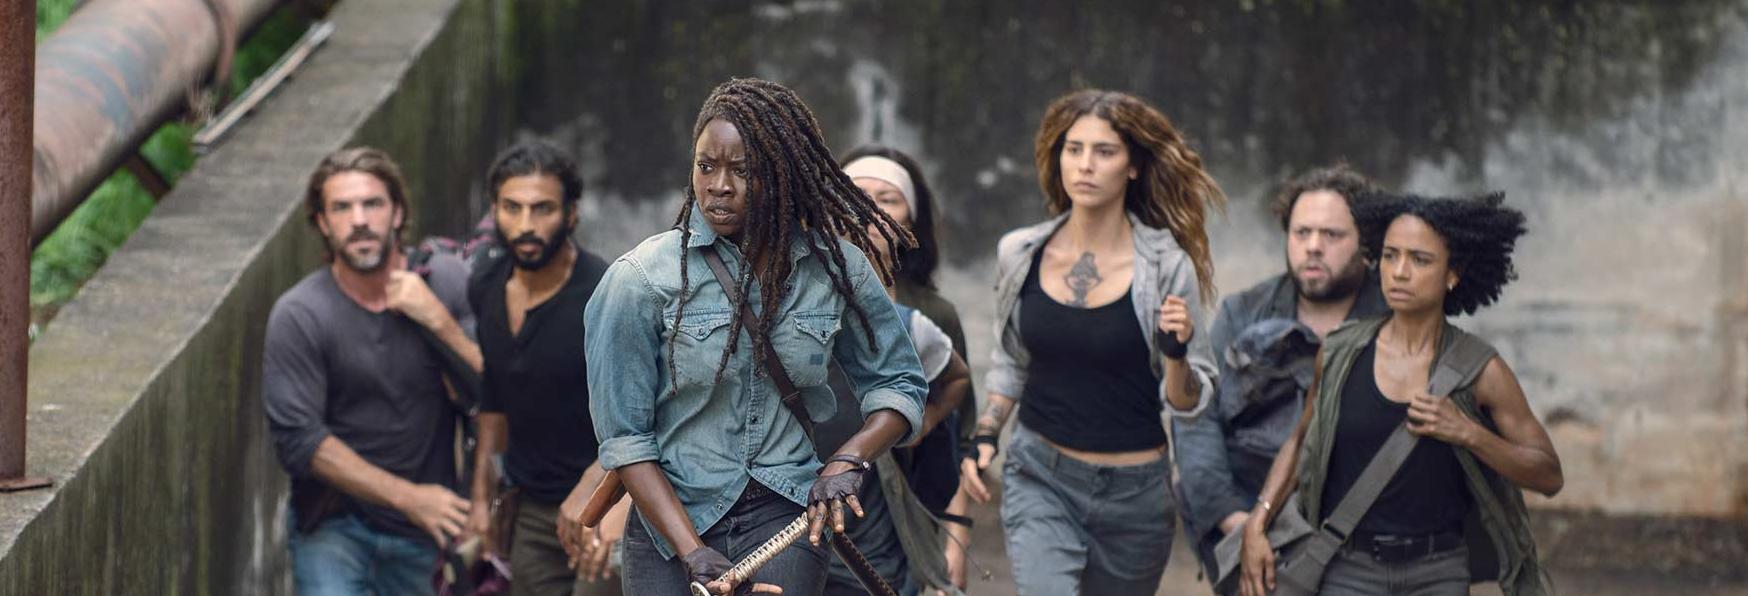 The Walking Dead 11 è stato Rimandato al 2021. La 10° Stagione avrà invece Sei Episodi in più!